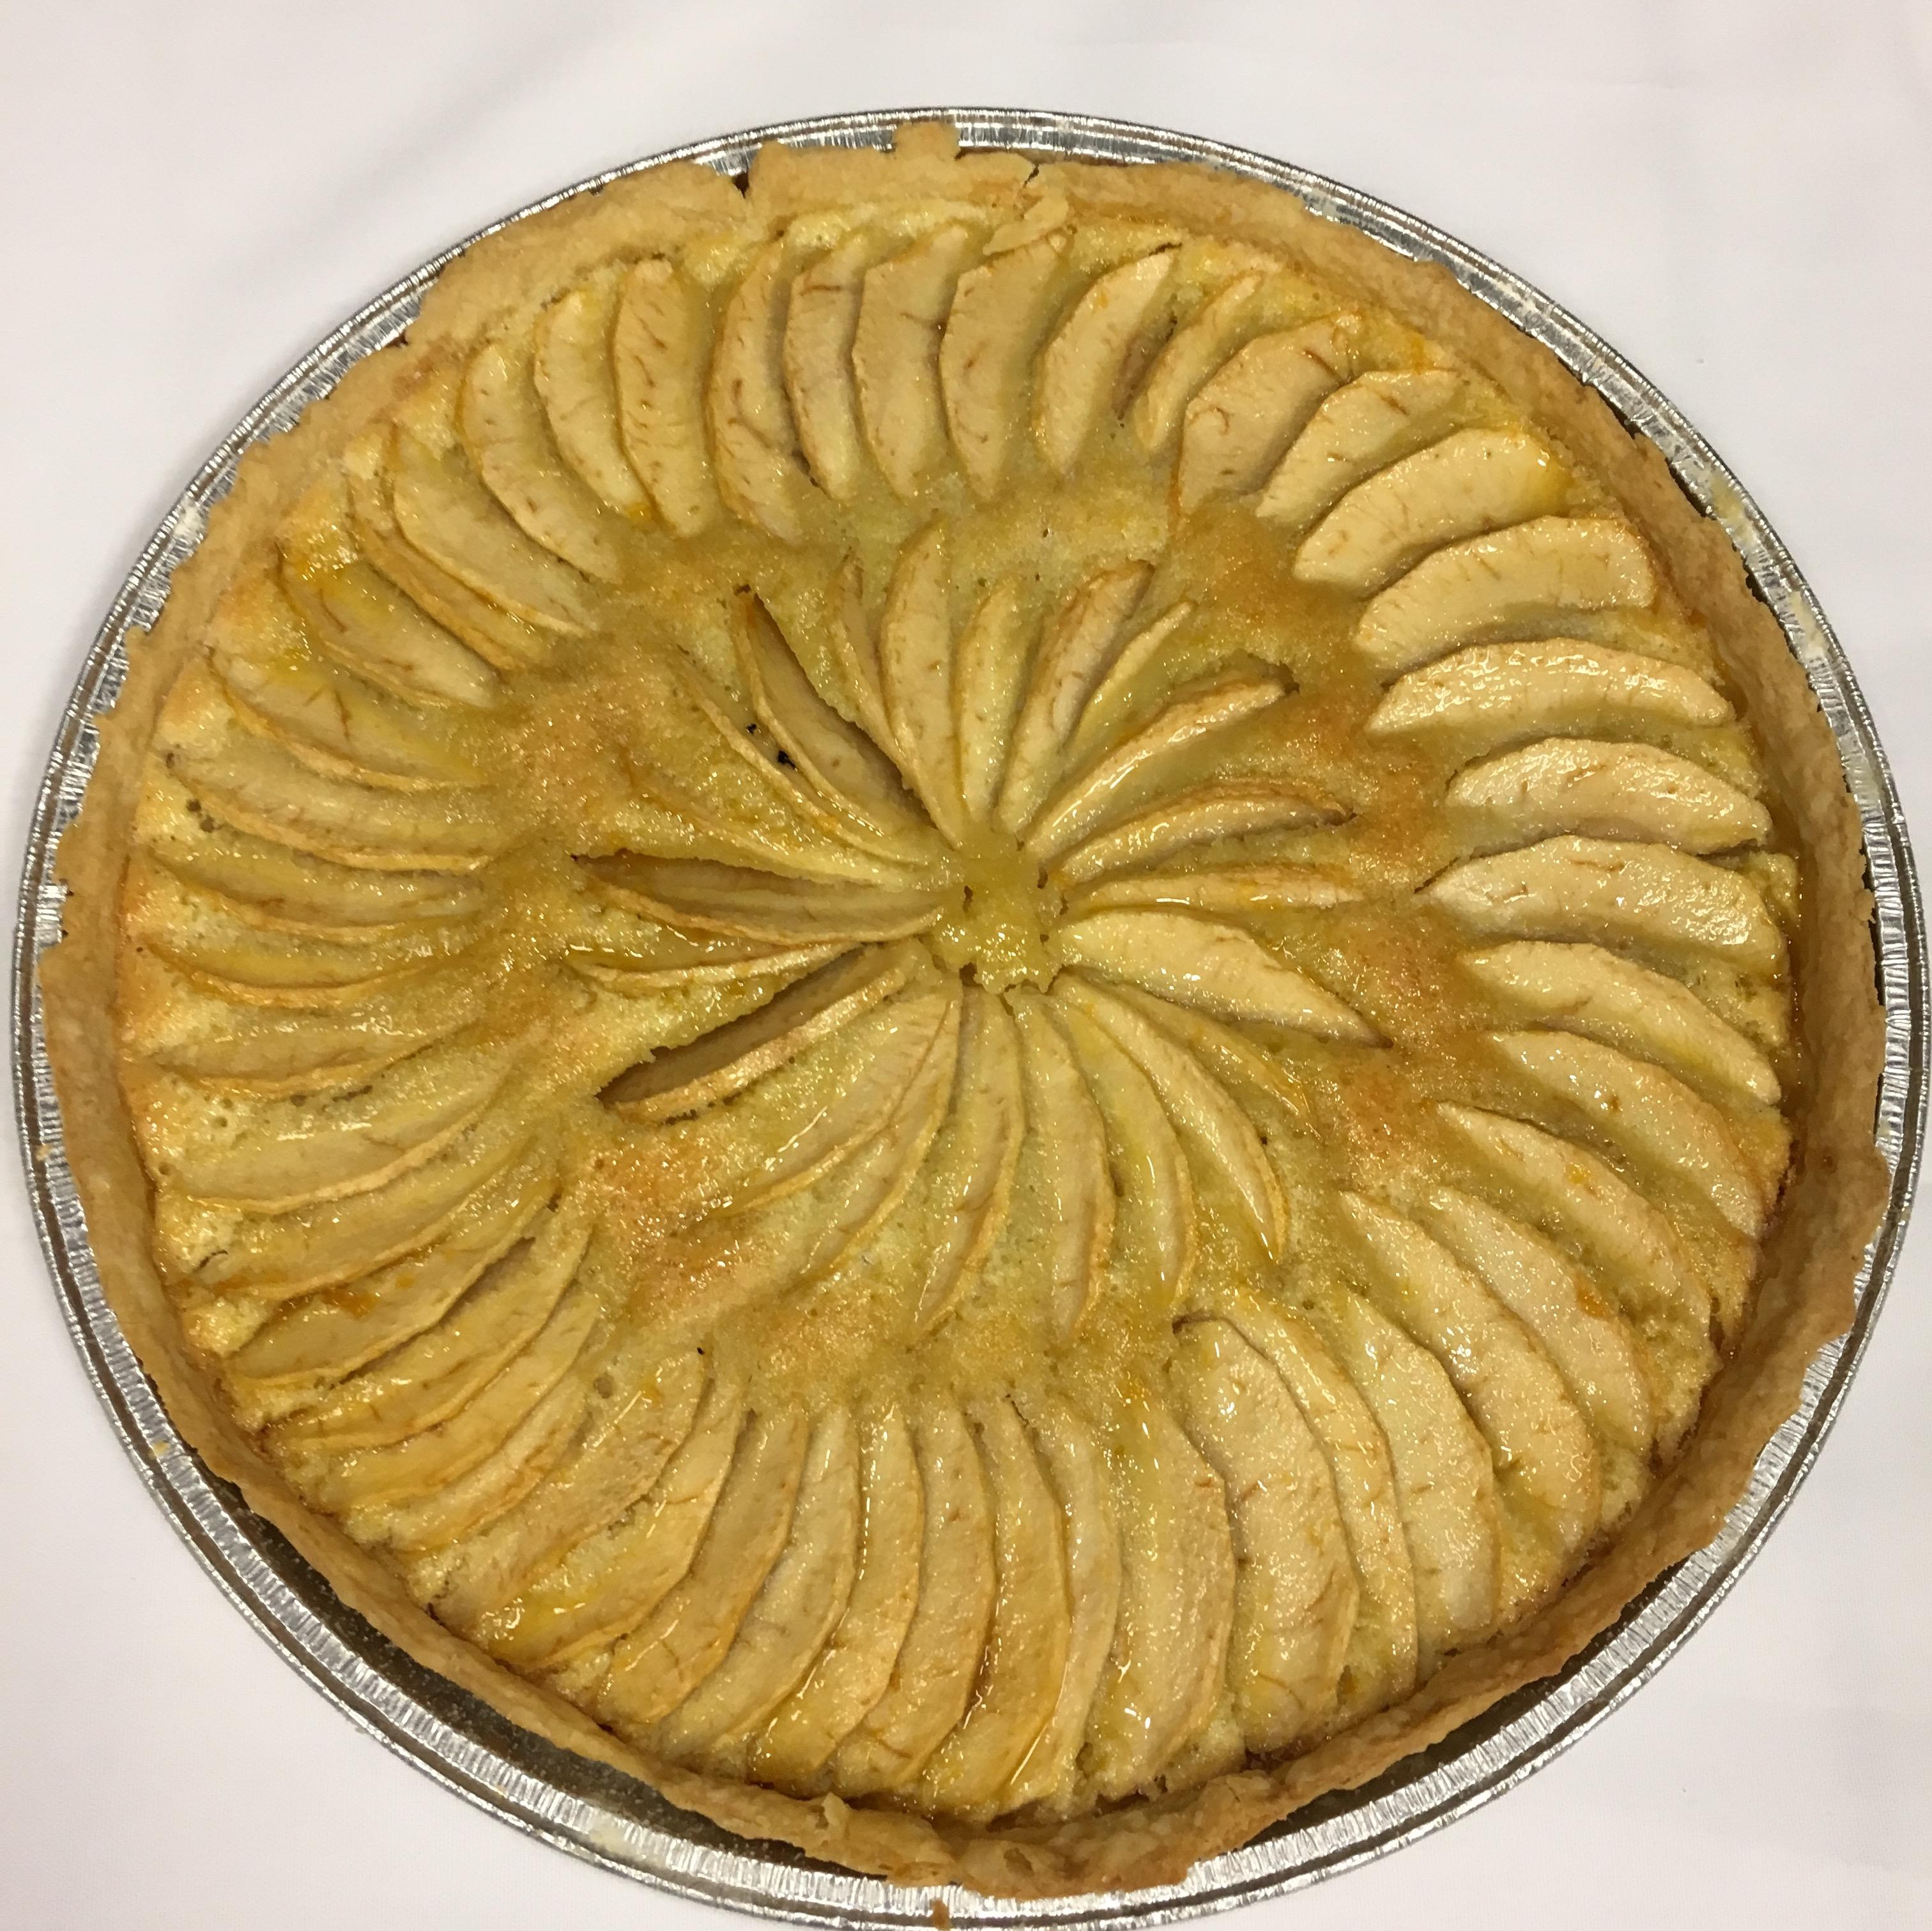 My pie, four years ago